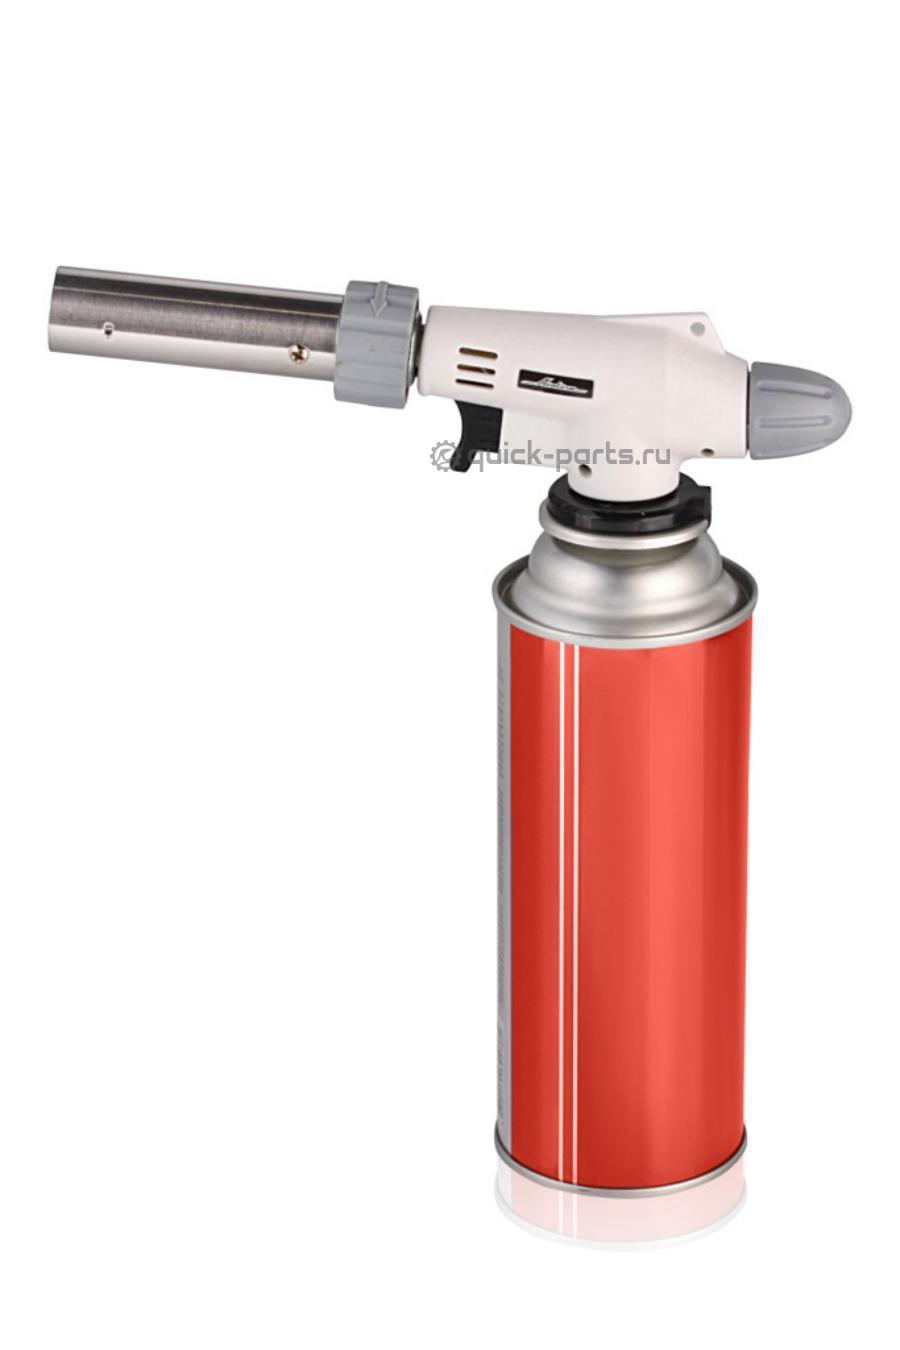 Газовая горелка с пьезоподжигом на цанговый баллон, анти-вспышка, регулятор воздуха, 20*6*4 см